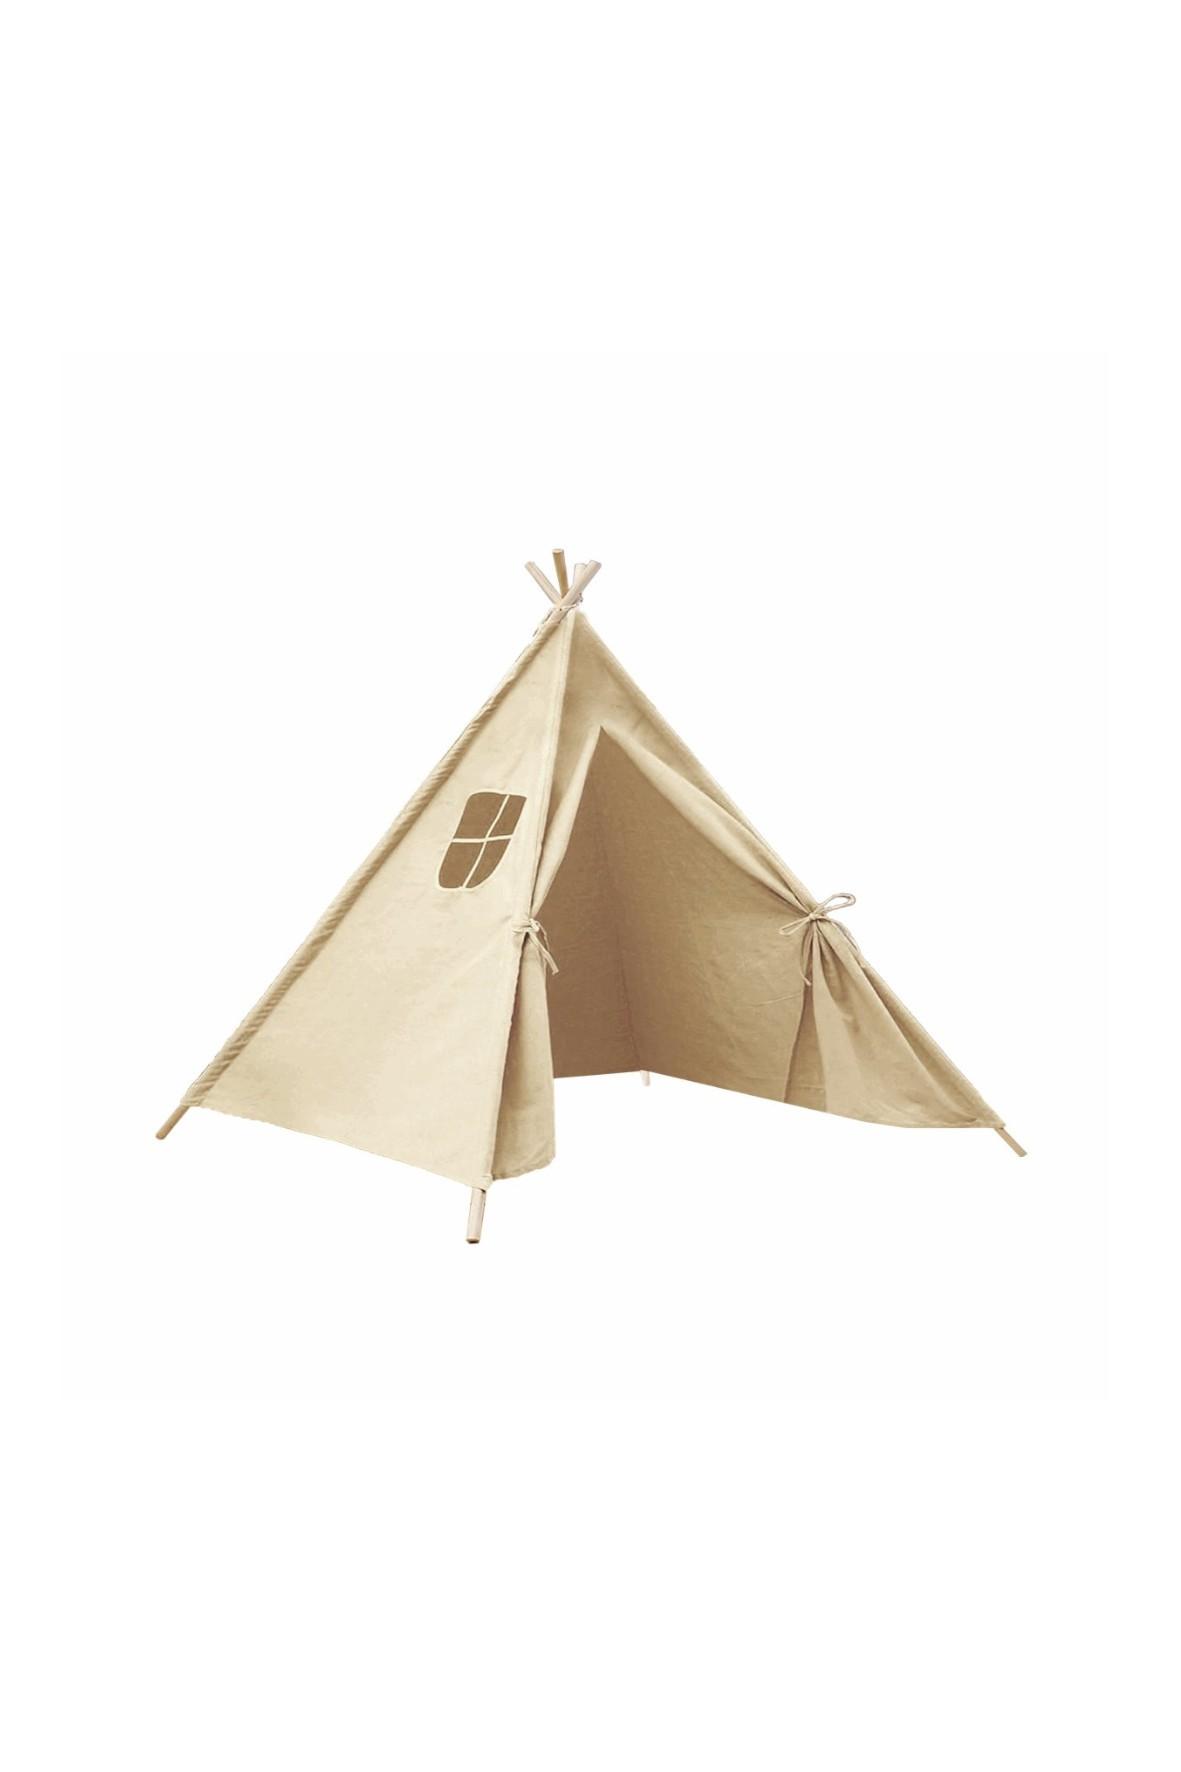 Namiot domek Teepee ecru 100x100x120cm